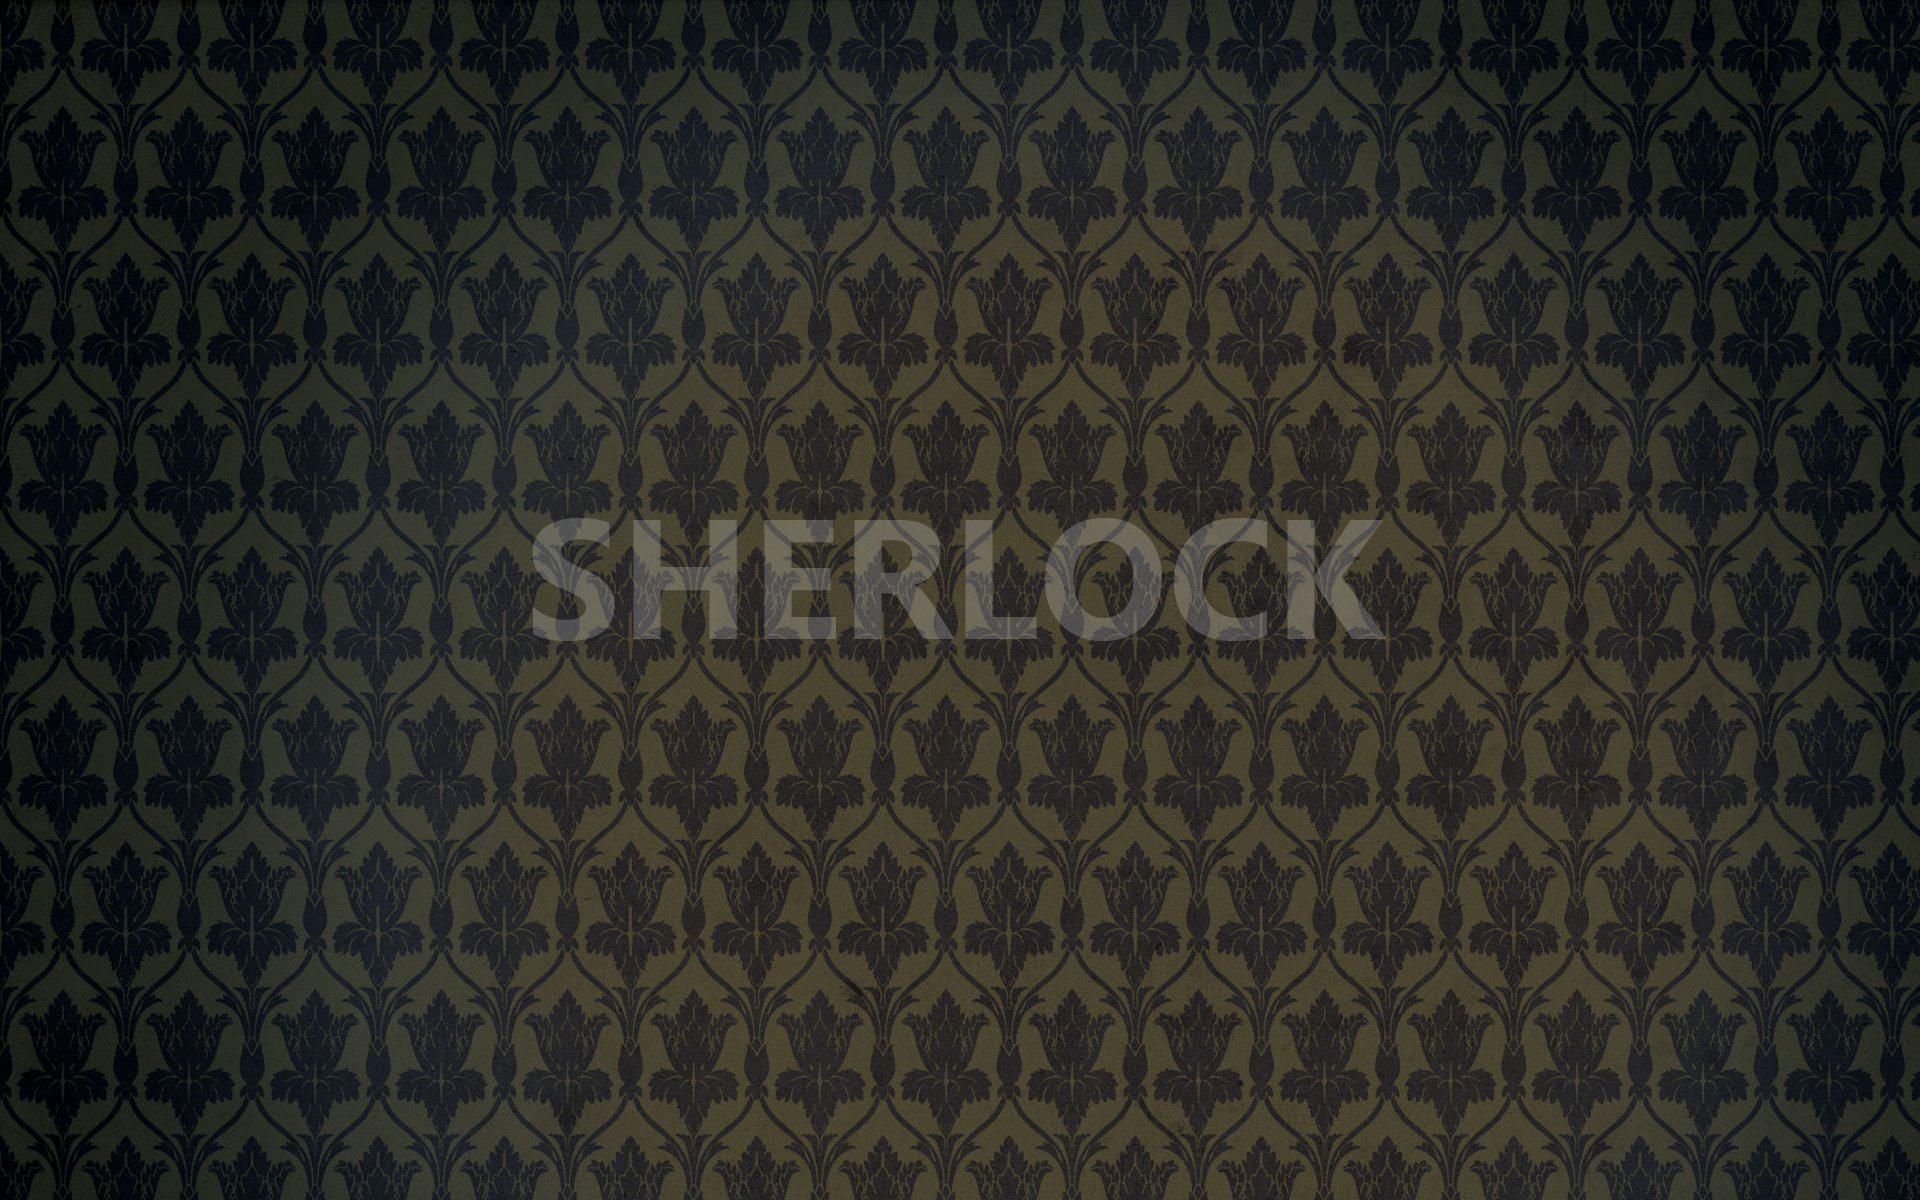 Cute Spongebob Wallpaper Sherlock Holmes Movie Wallpapers Pixelstalk Net